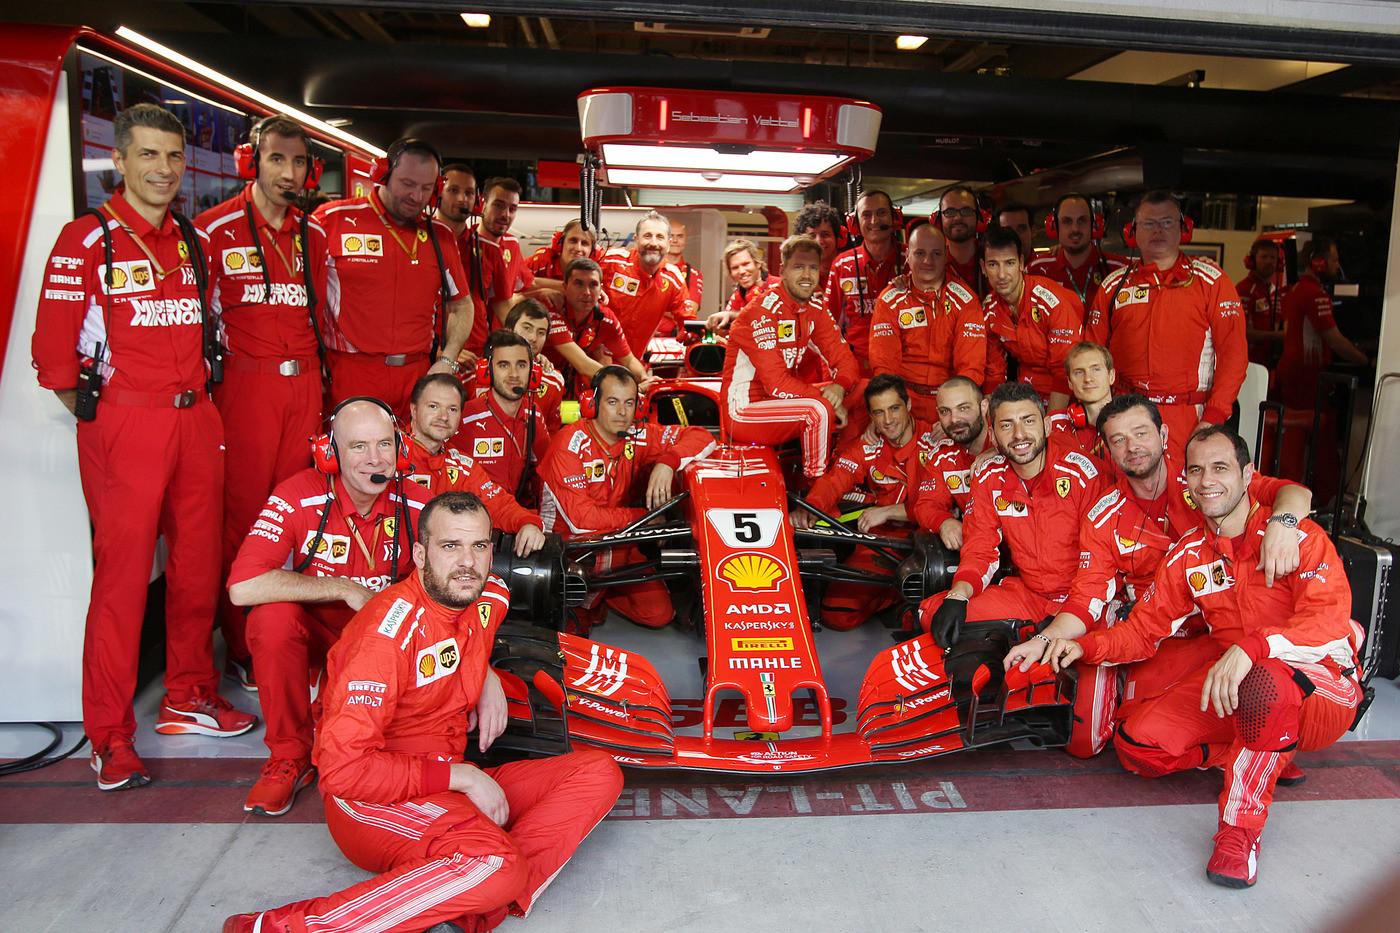 Forum di Davos, è la Ferrari il brand più forte del mondo